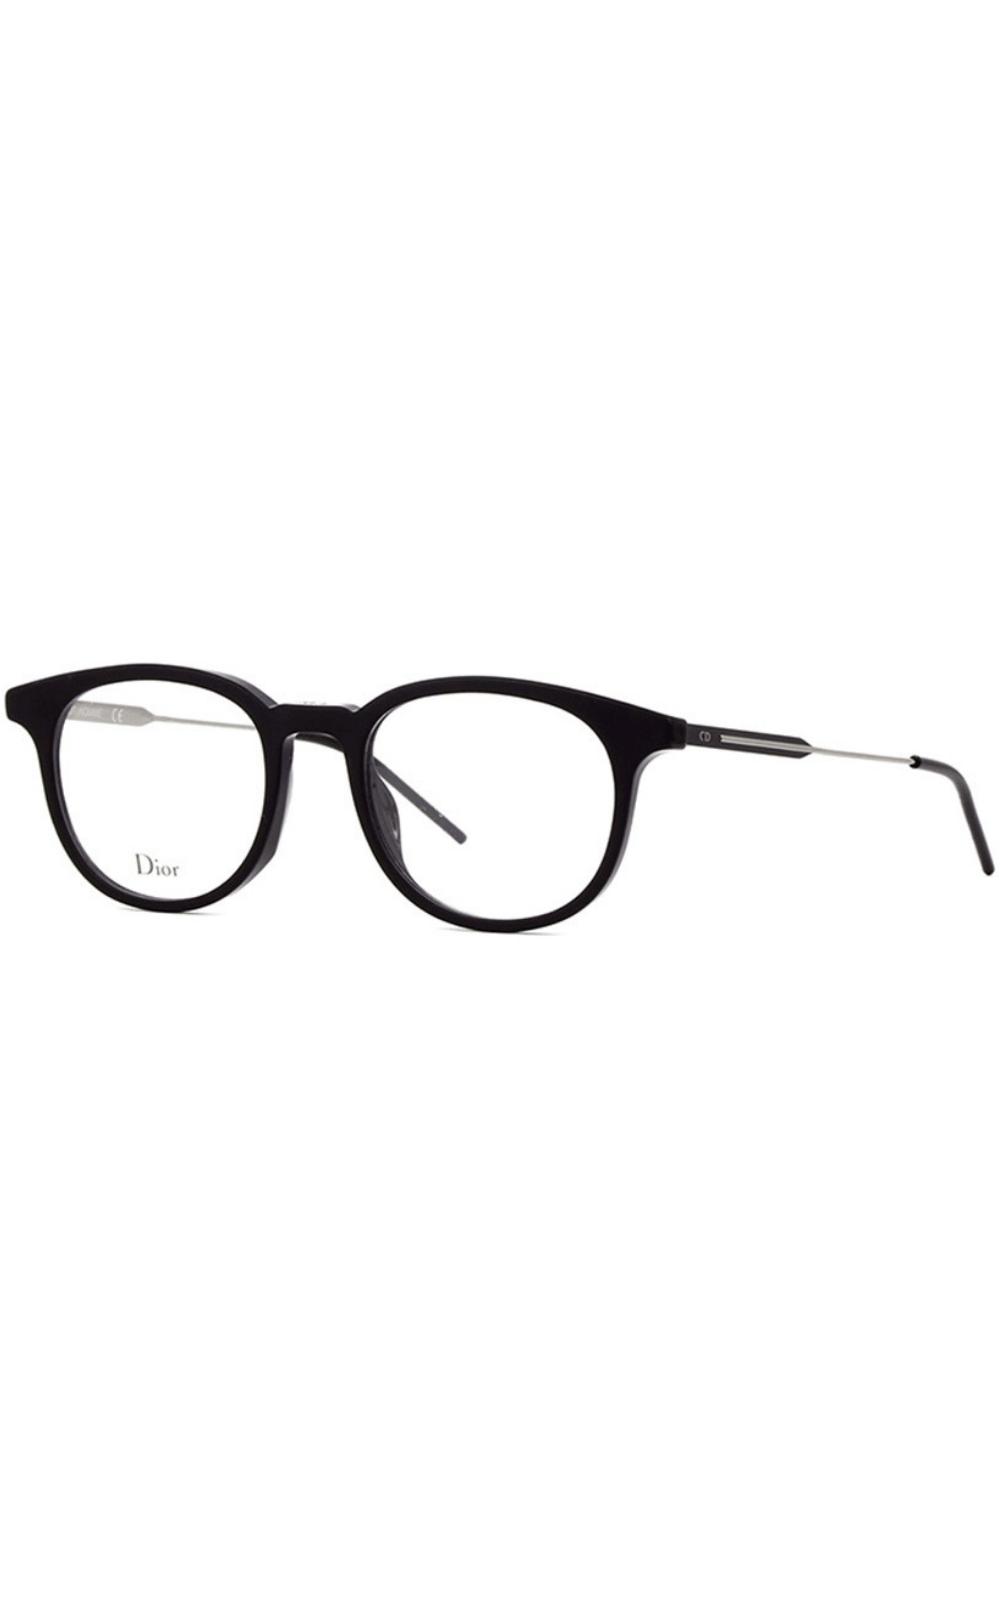 aabcb51bd6b Óculos de Grau Dior Blacktie 229 900